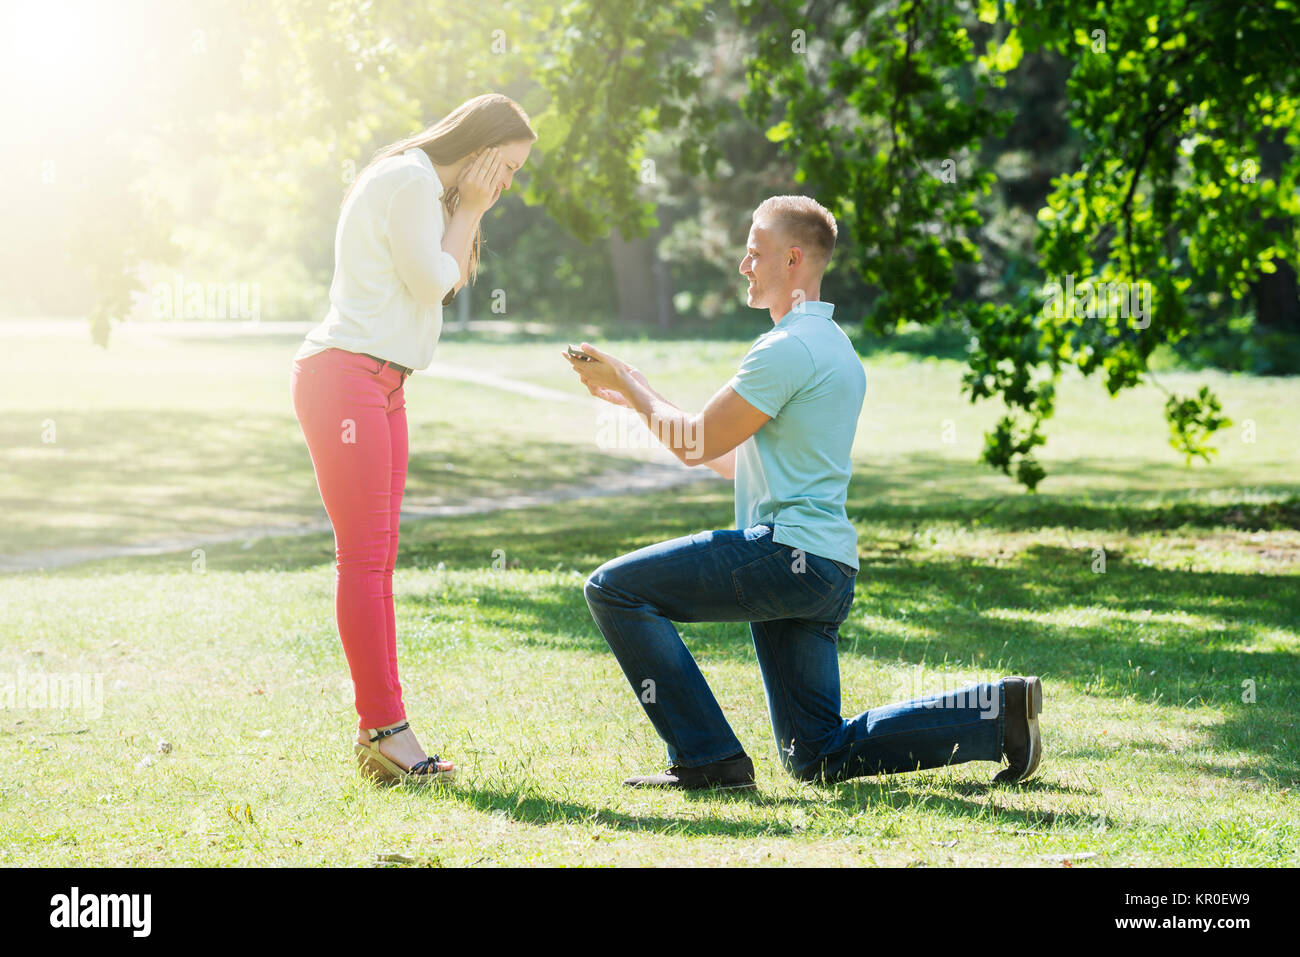 Man Making Proposal To Woman - Stock Image